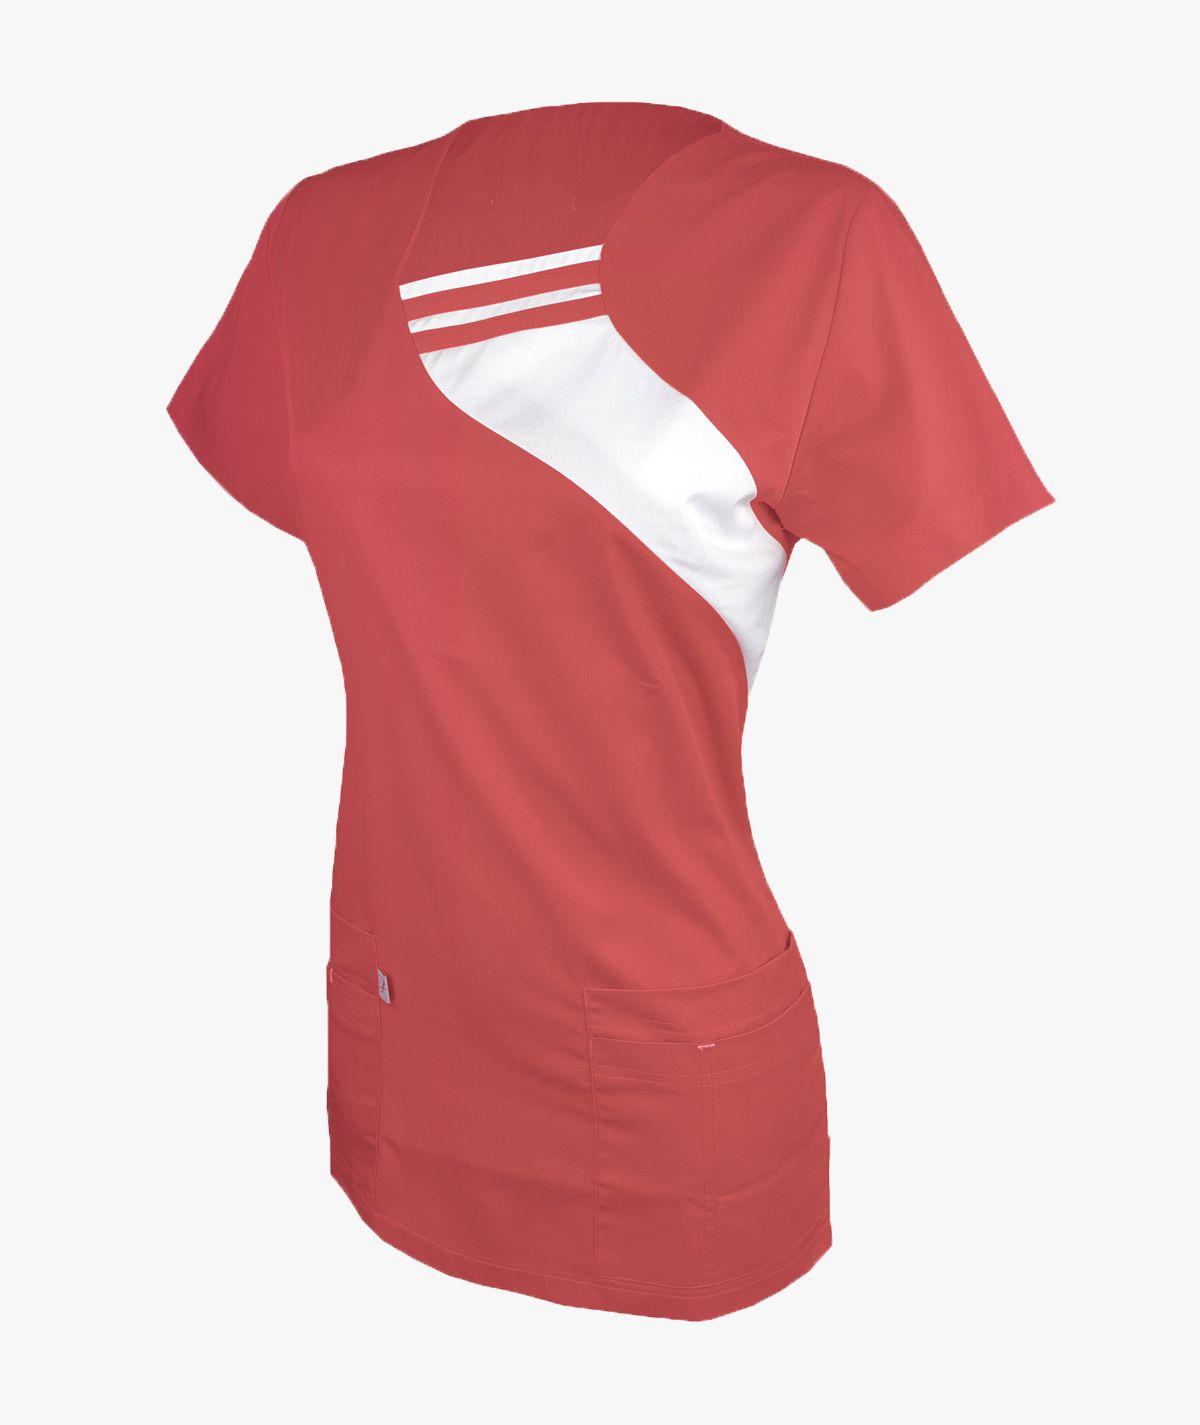 Koralowa bluza medyczna Aga z krótkim rękawem